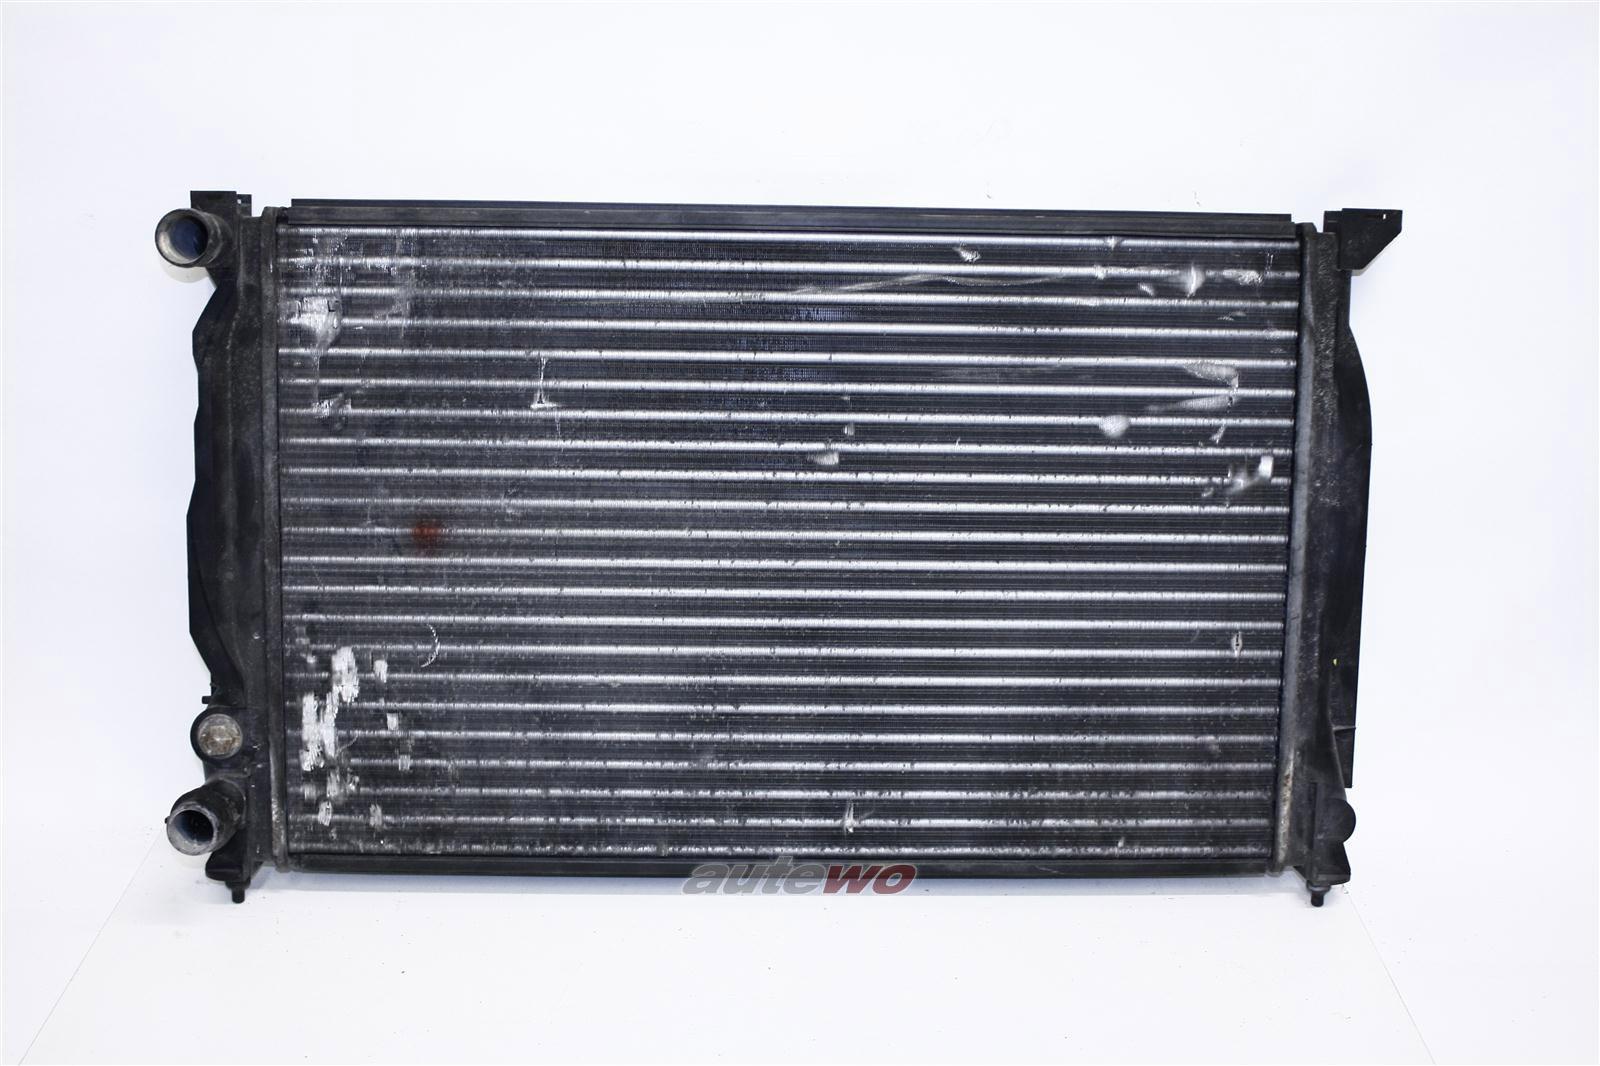 Audi A4 B5 1.6-1.8l Wasserkühler Schaltgetriebe 8D0121251Q